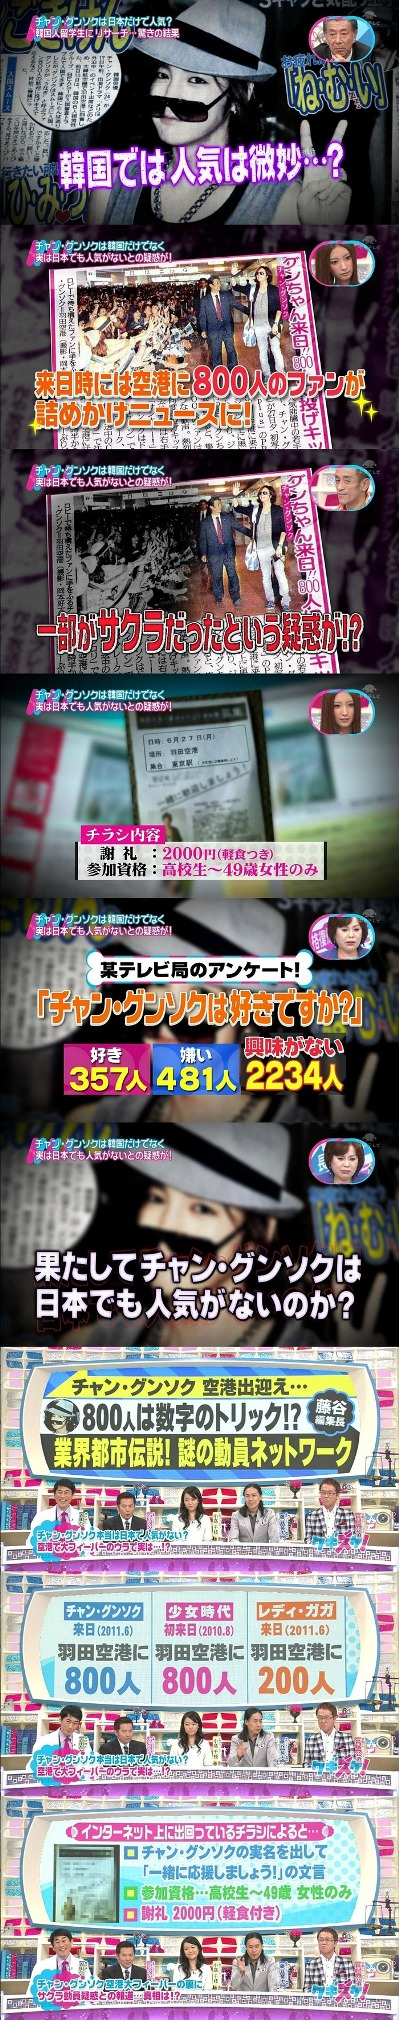 韓流スターの日本での謎のファン動員ネットワークがテレビで暴露される